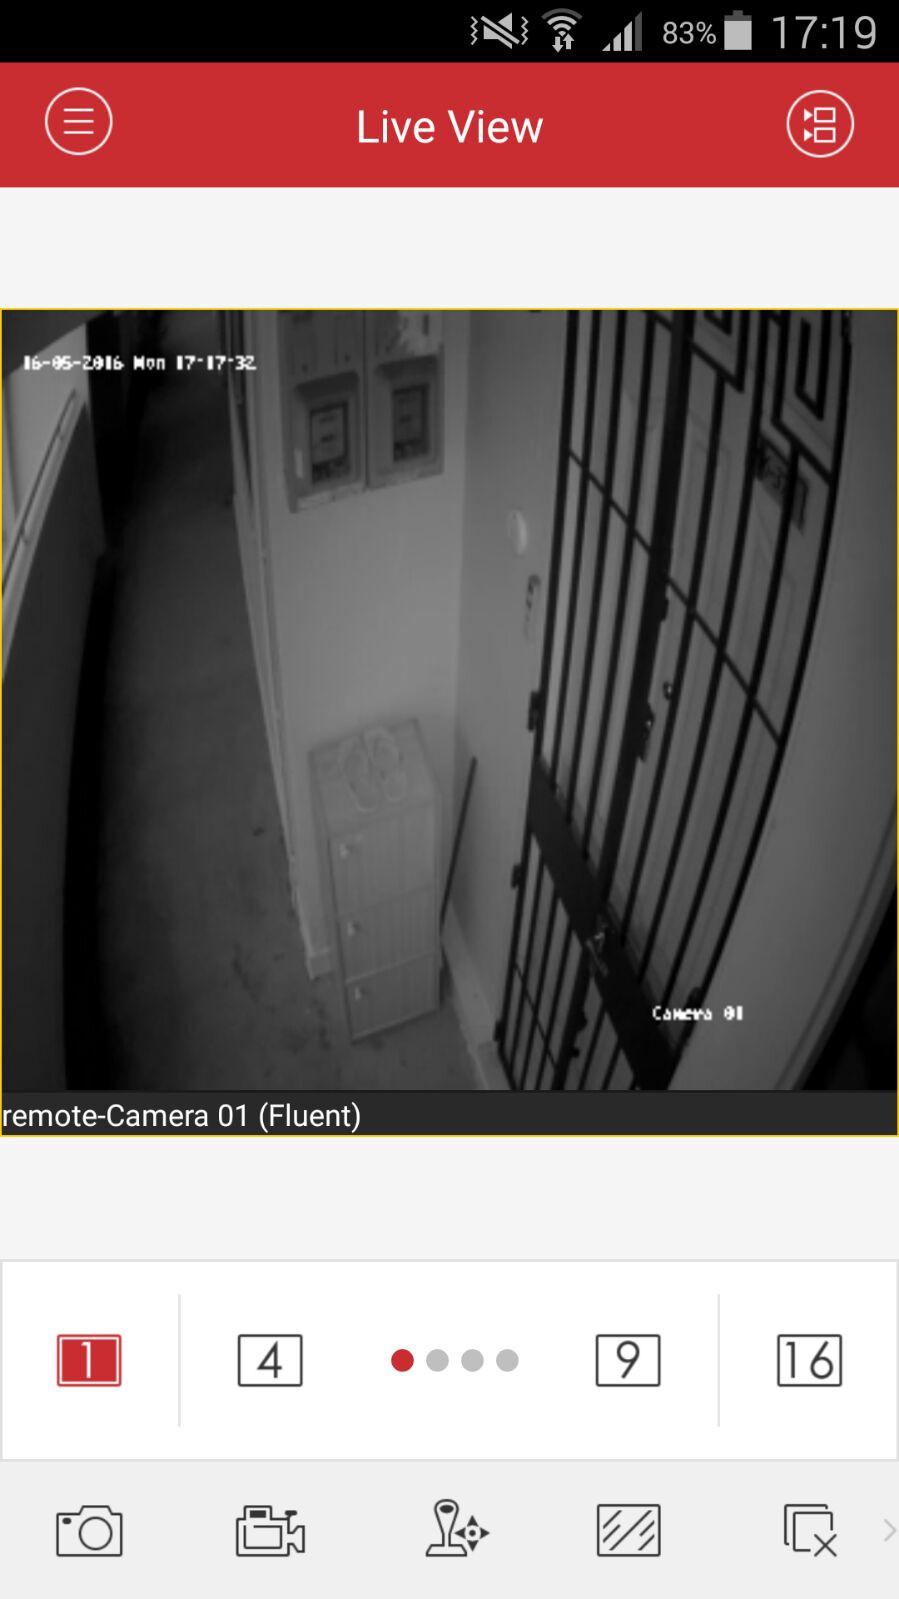 home CCTV camera system